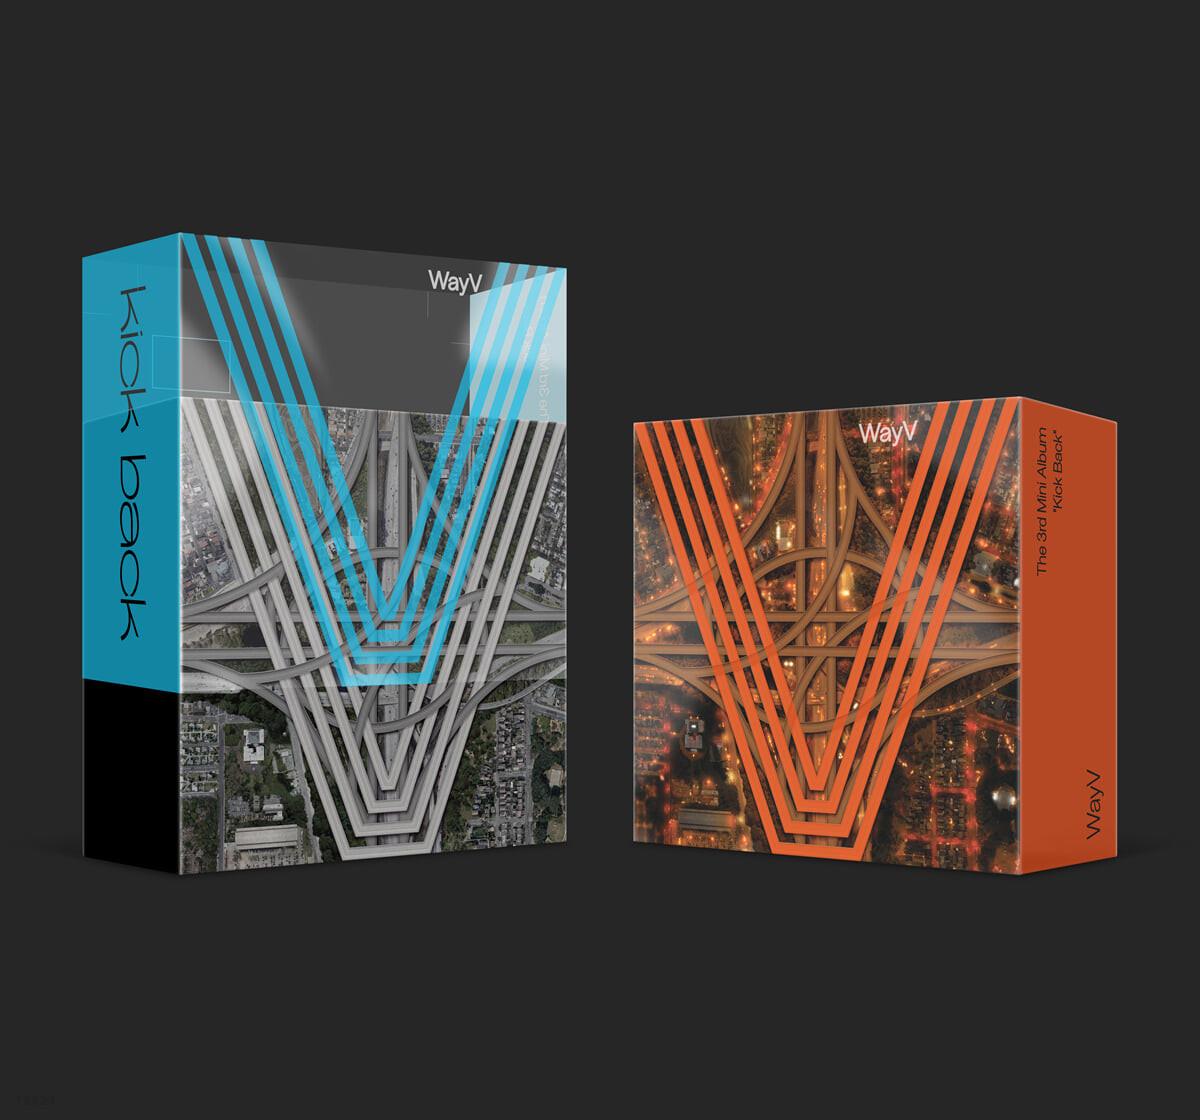 웨이션V (WayV) - 미니앨범 3집 : 'Kick Back' [스마트 뮤직 앨범(키트 앨범)] (2종 중 랜덤발송)